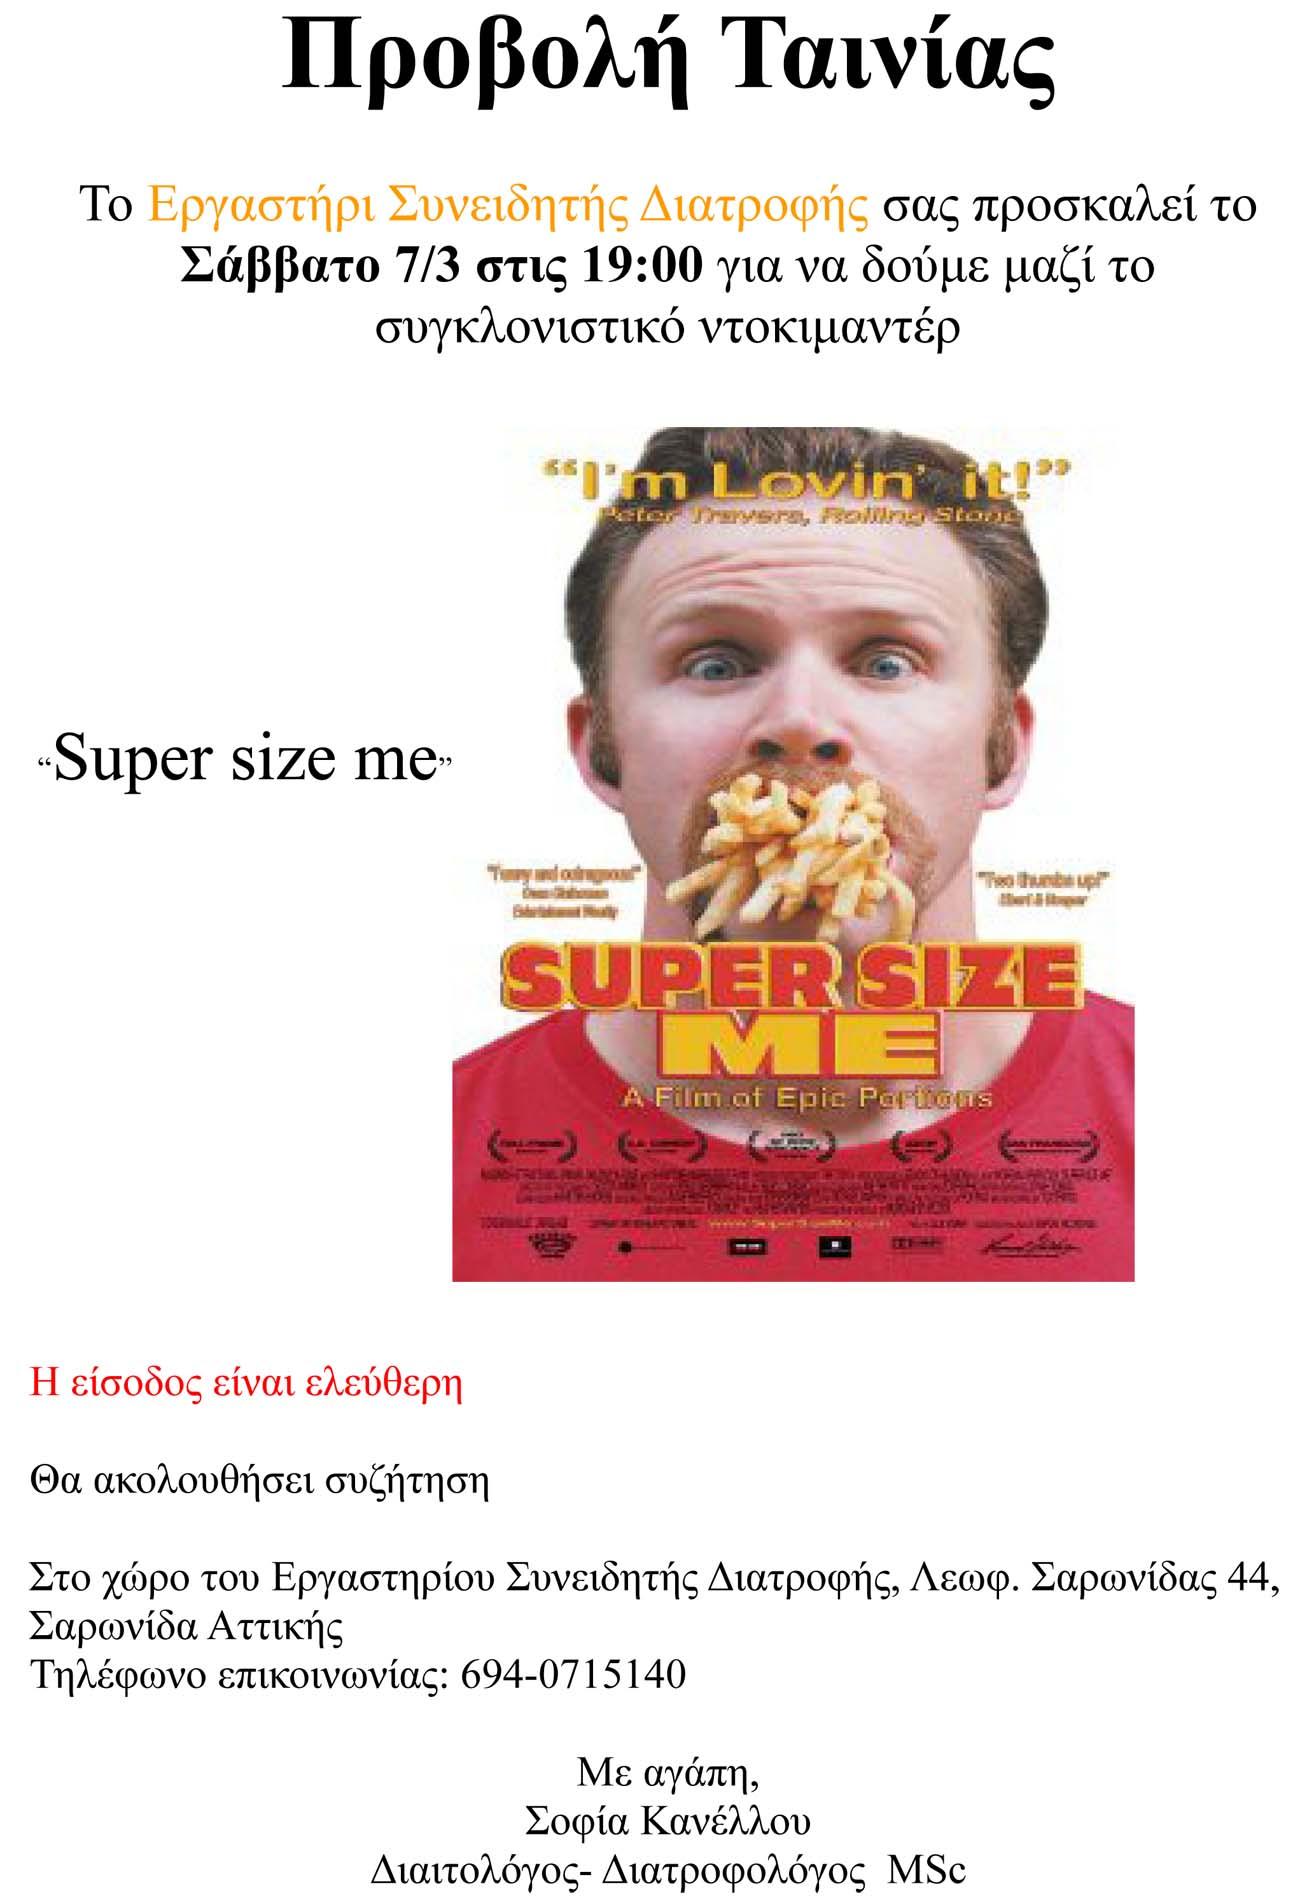 Προβολή ταινίας supe size me